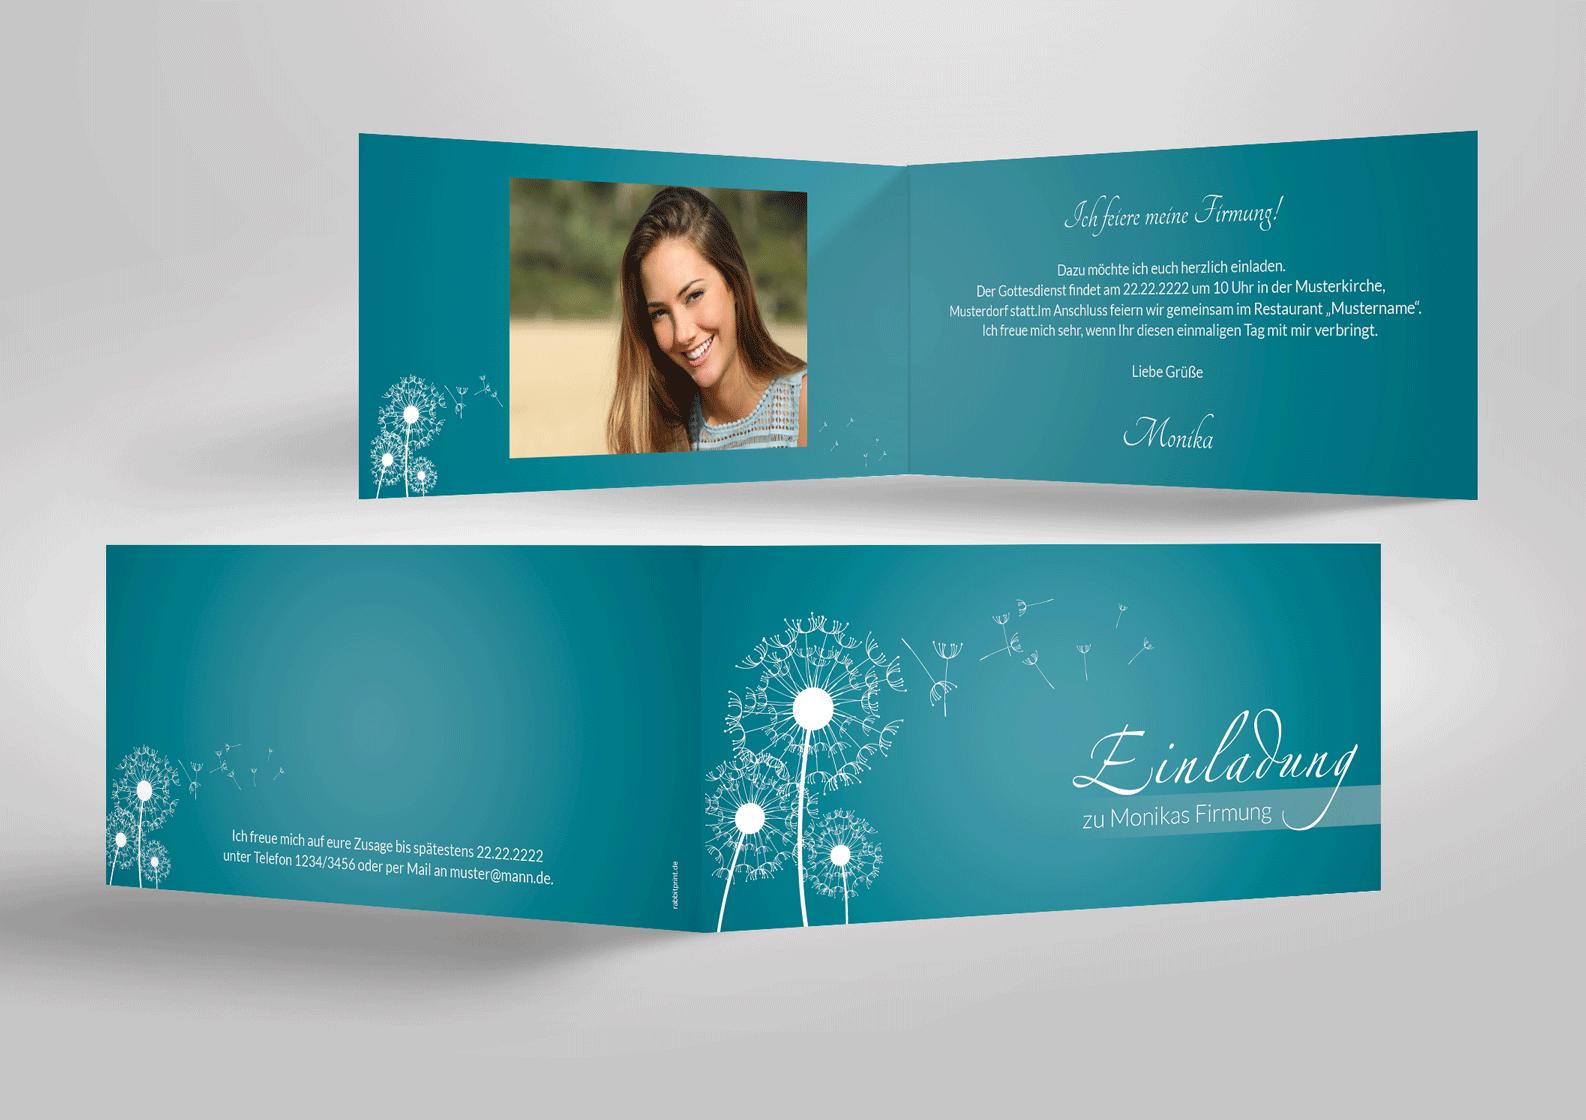 Schone Einladung Zur Firmung Mit Pusteblumen Sehr Modern Firmung Einladungen Einladungskarten